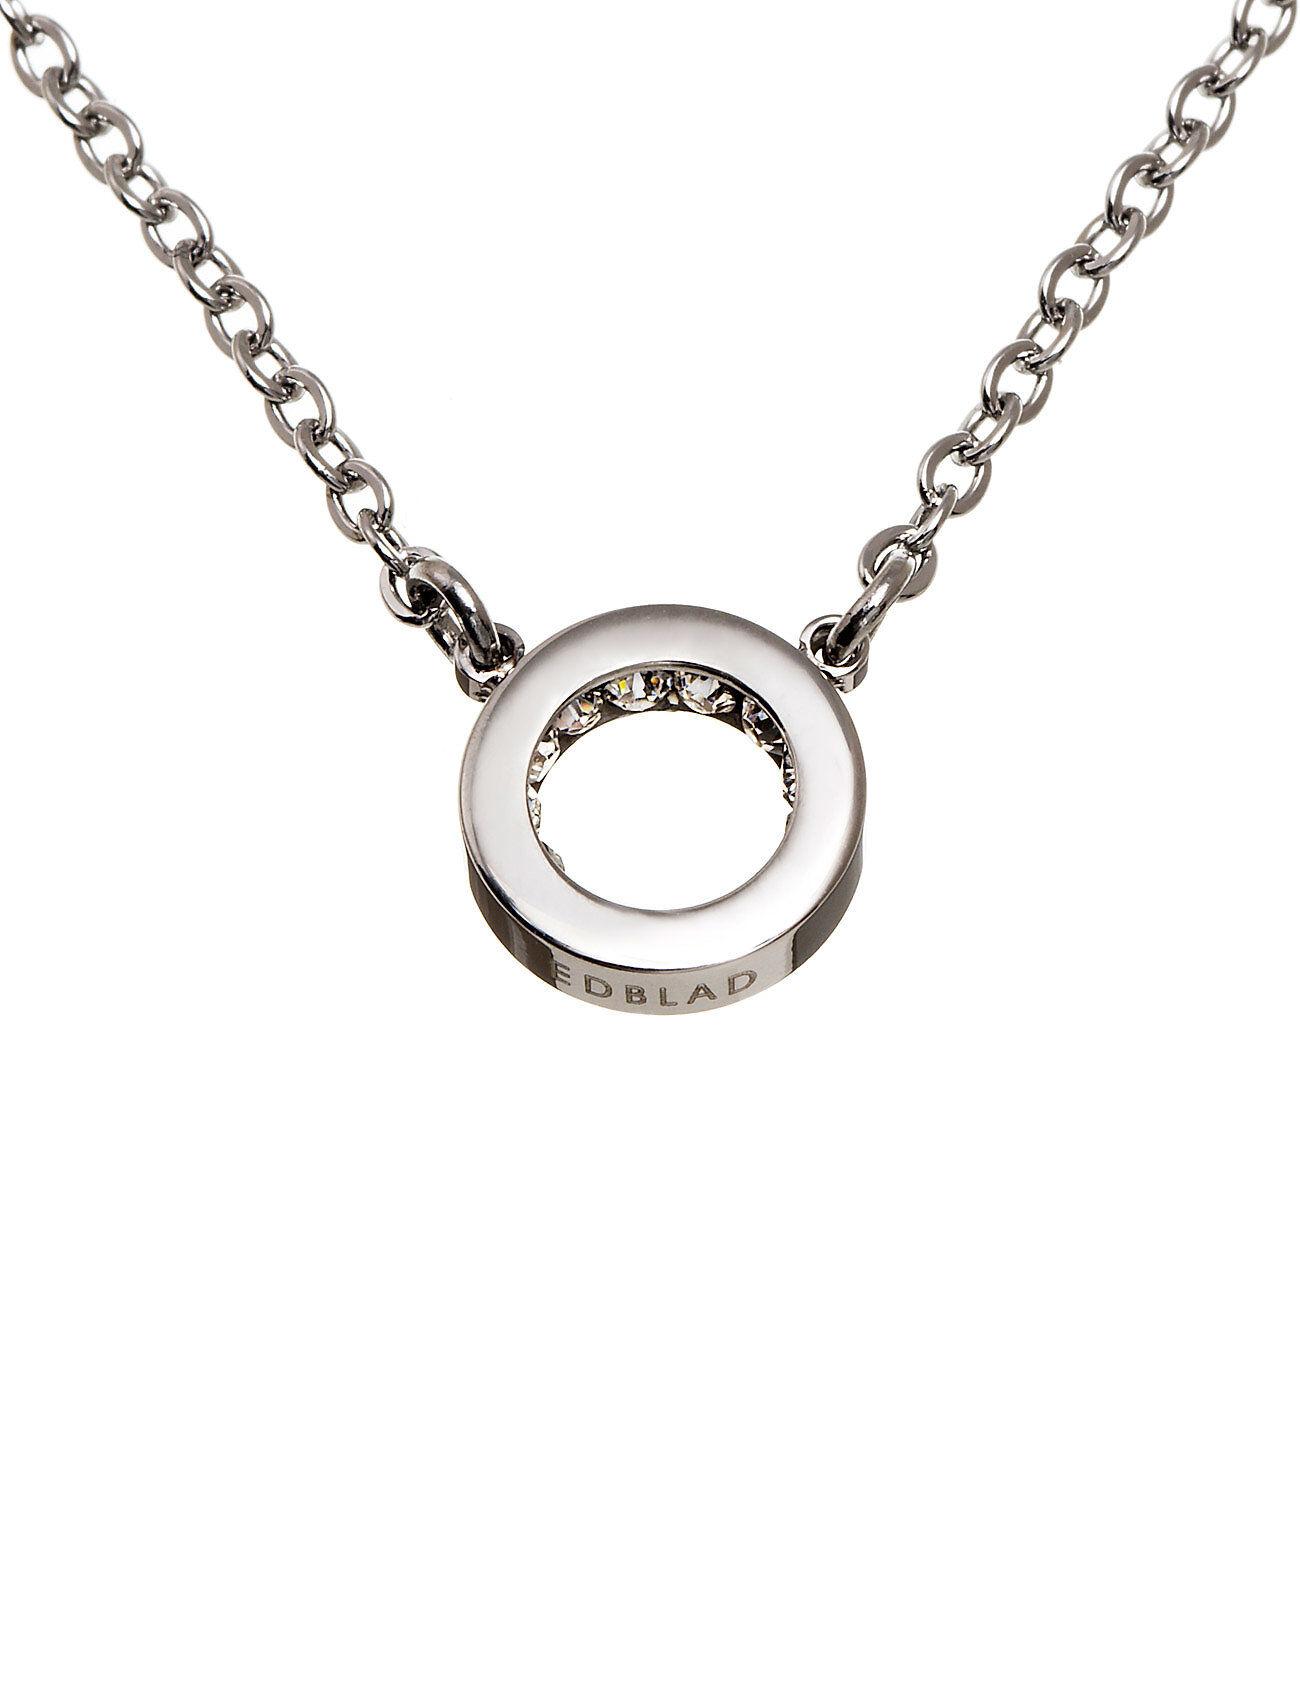 Edblad Monaco Necklace Mini Accessories Jewellery Necklaces Dainty Necklaces Hopea Edblad